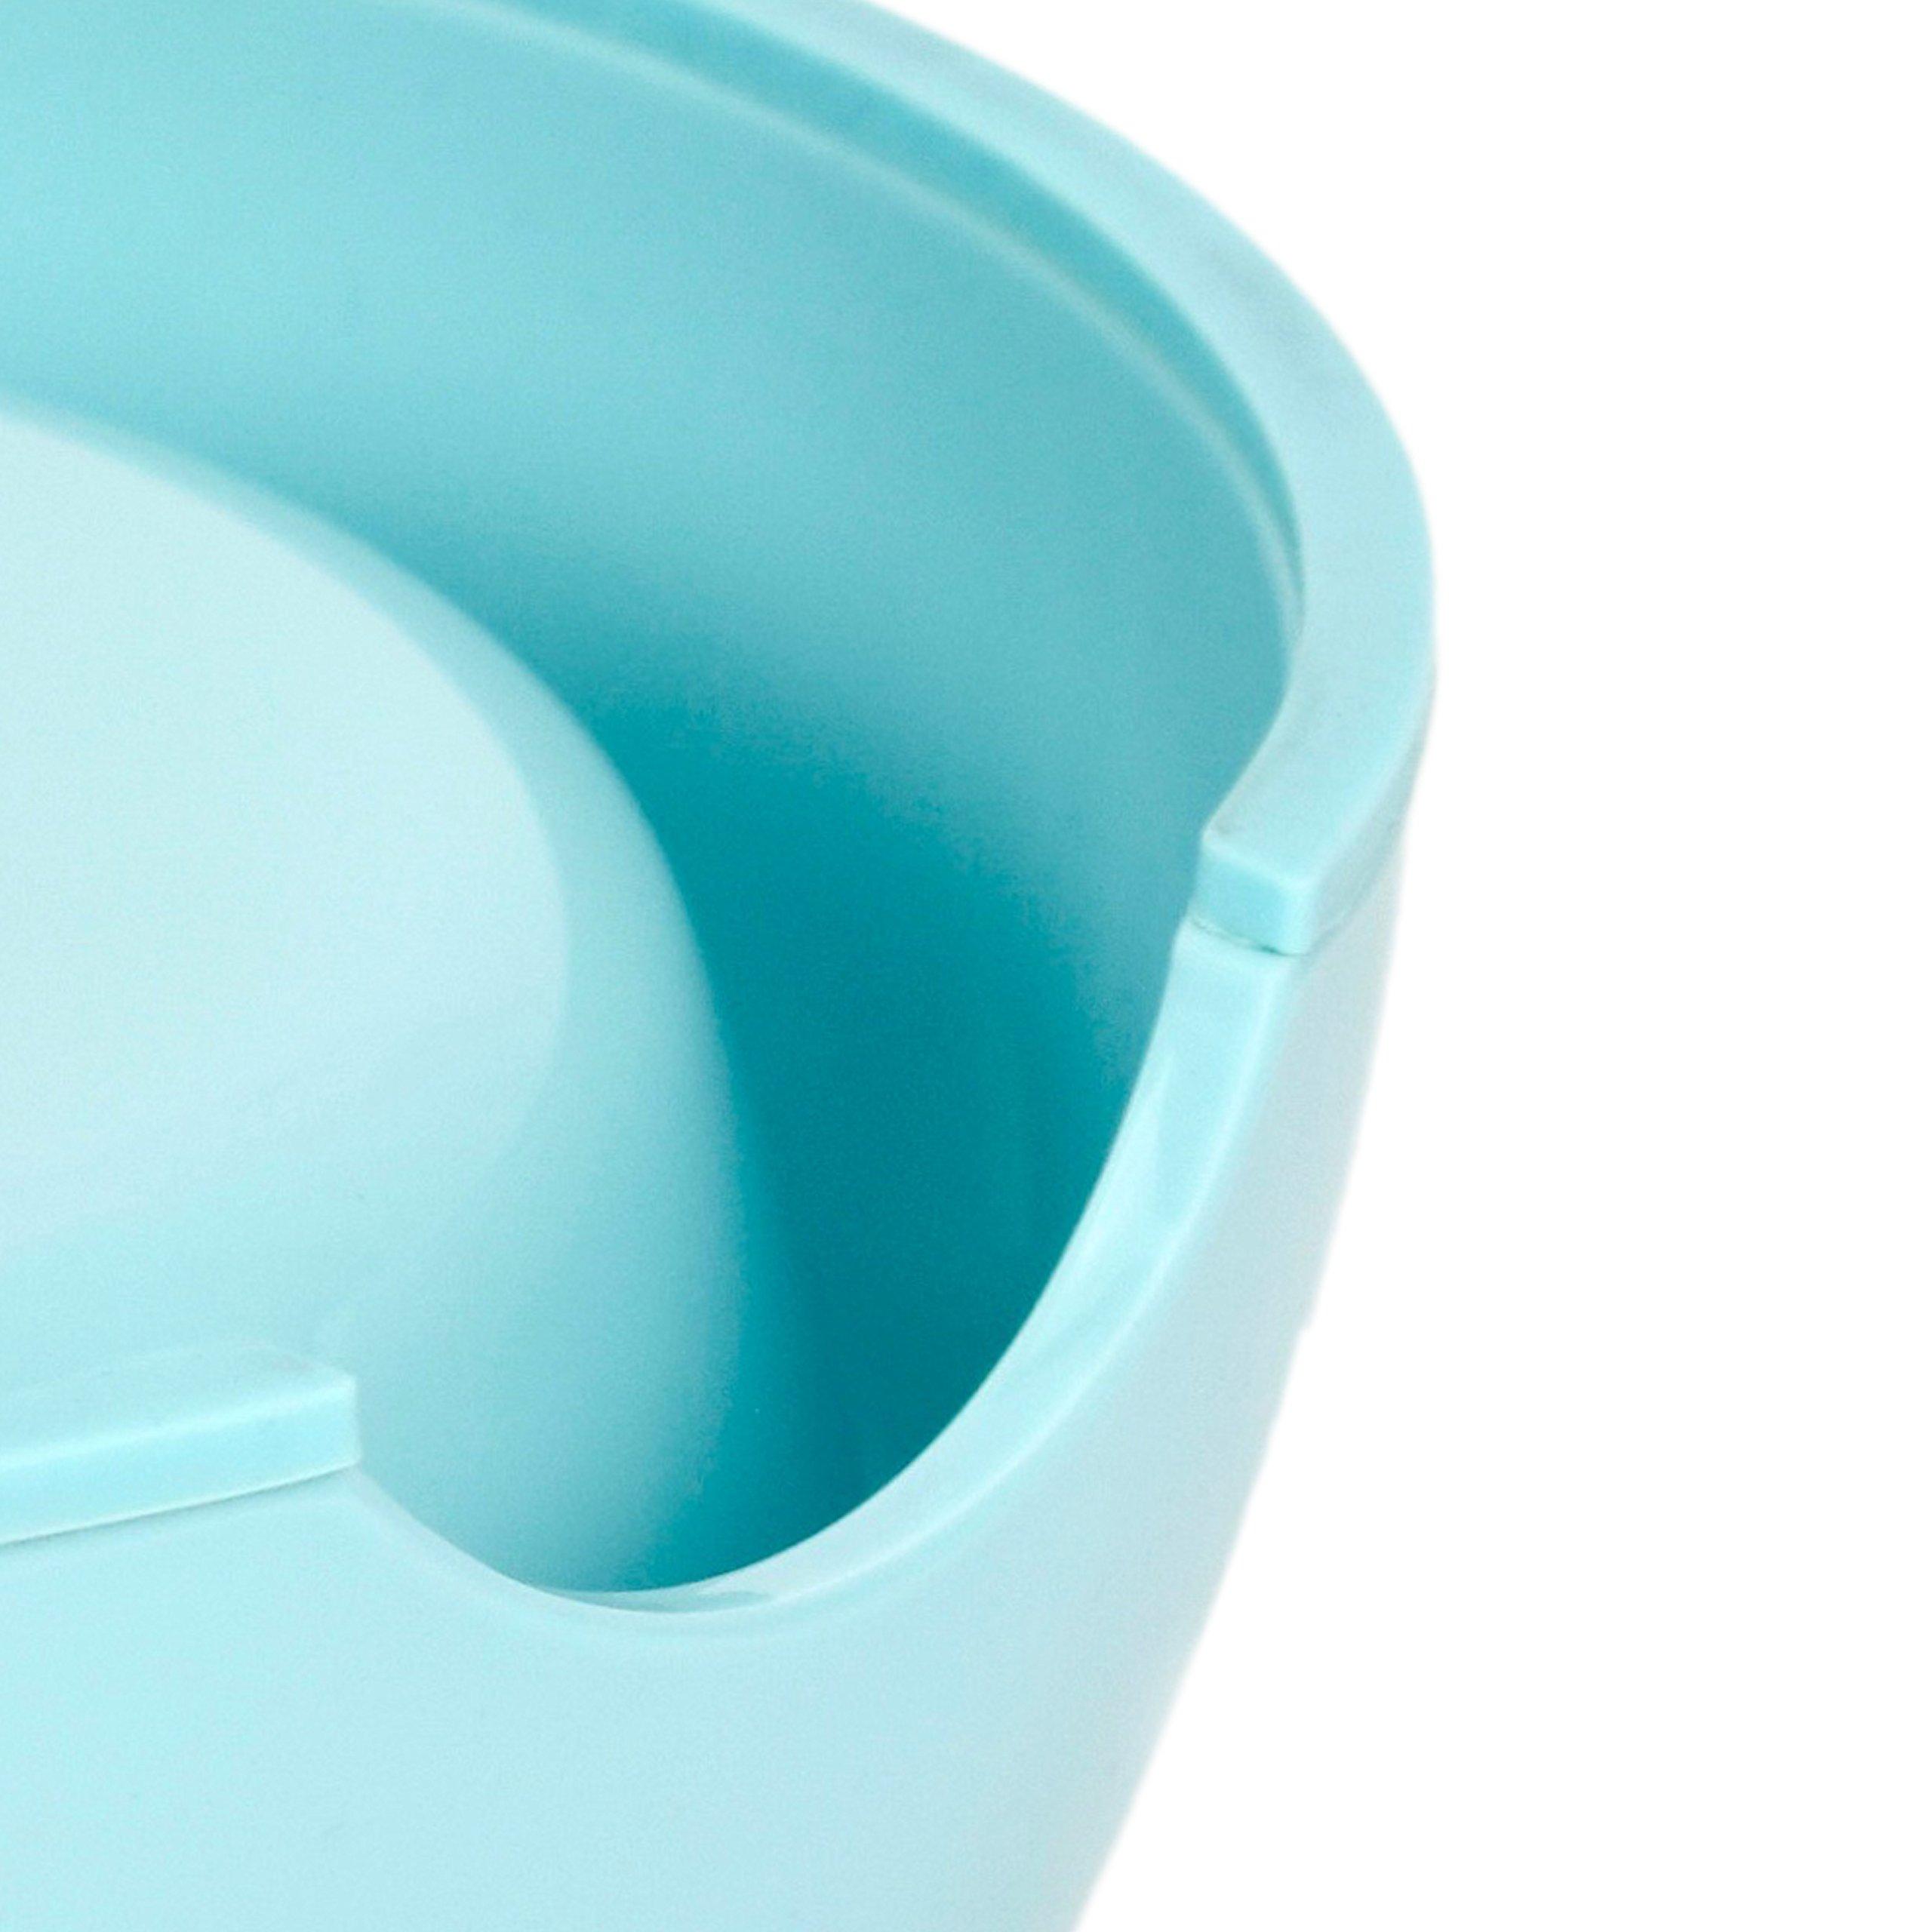 Martha Stewart Slow Feeder Pet Bowl, Blue, 6 fl. oz.